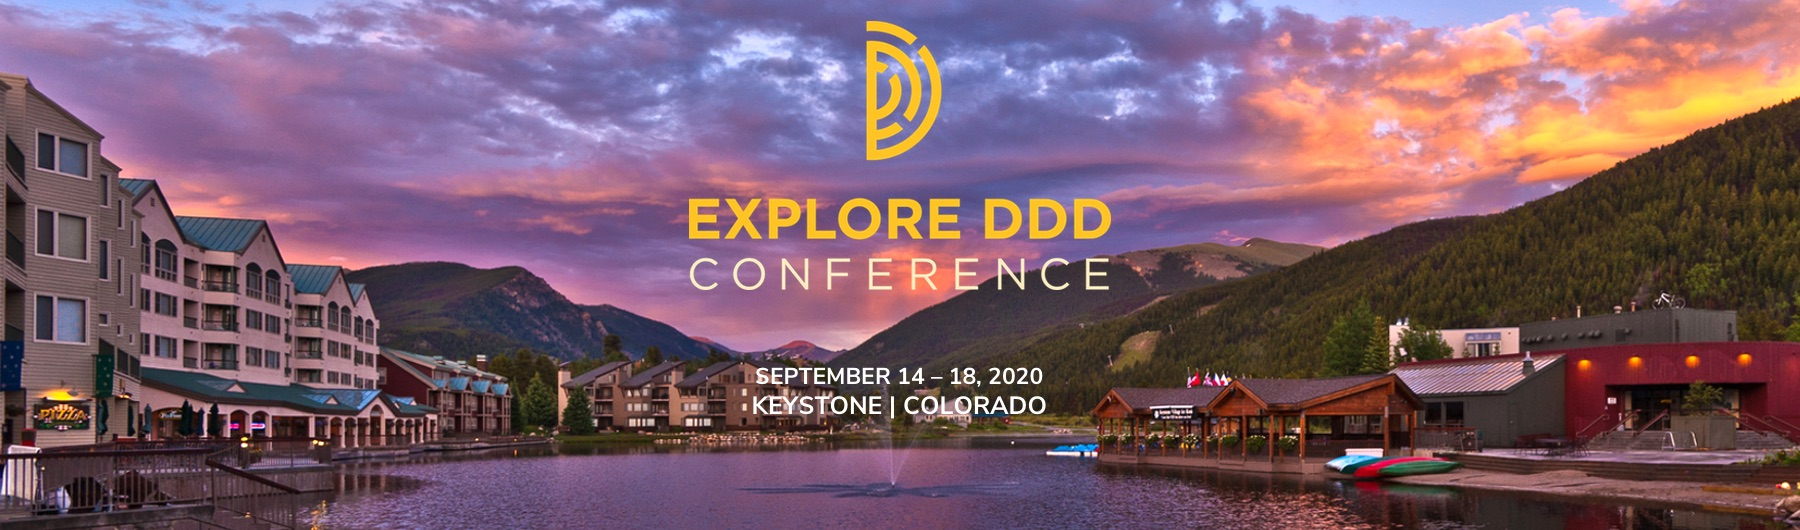 Explore DDD 2020